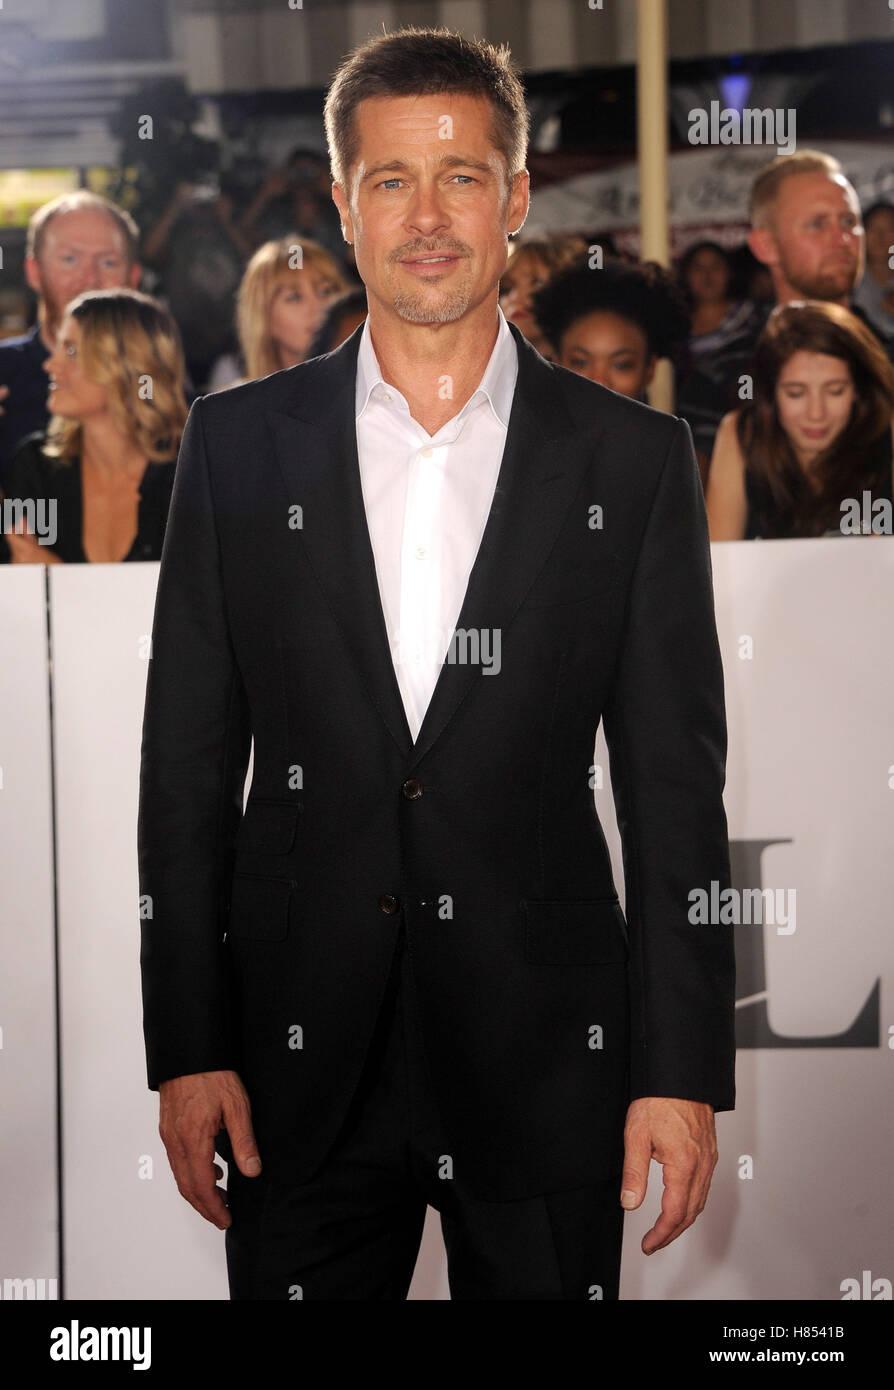 Los Angeles, California, EEUU. 9 nov, 2016. Brad Pitt en el Los Angeles estreno de 'aliados' celebrada en Imagen De Stock